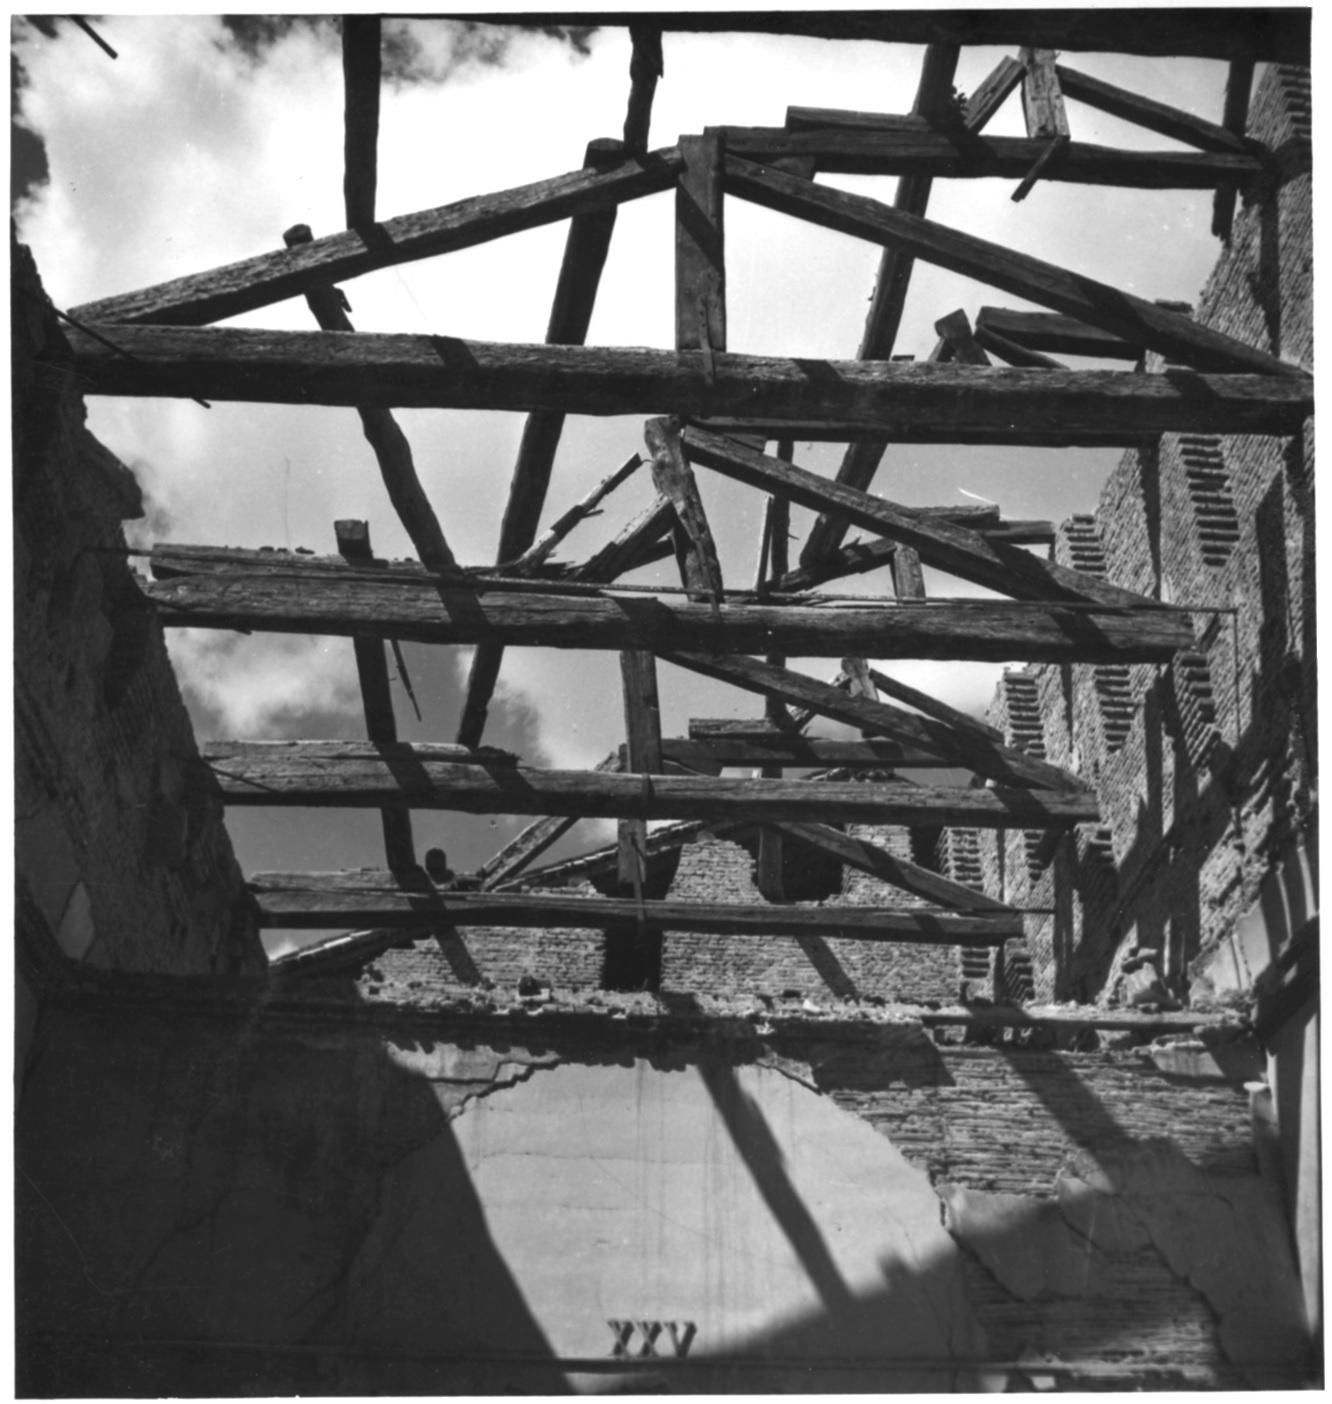 Pinacoteca di Brera bombardata 7e8 agosto1943